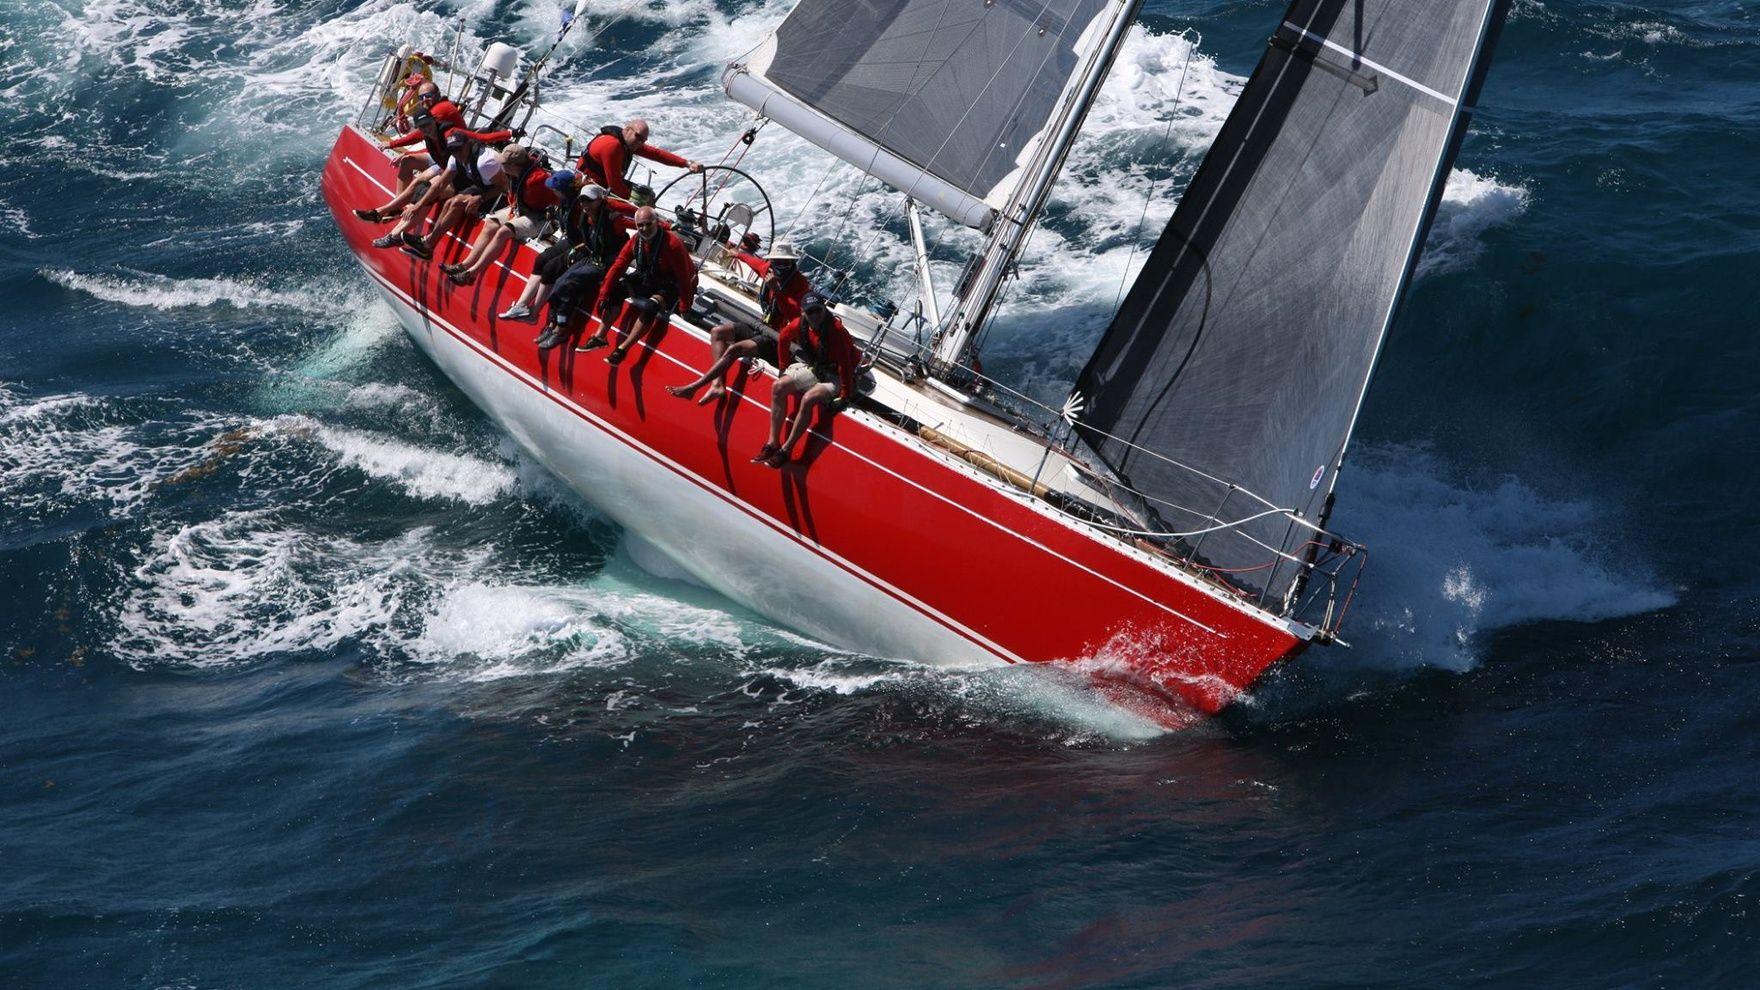 The RORC Caribbean 600 Race 2021